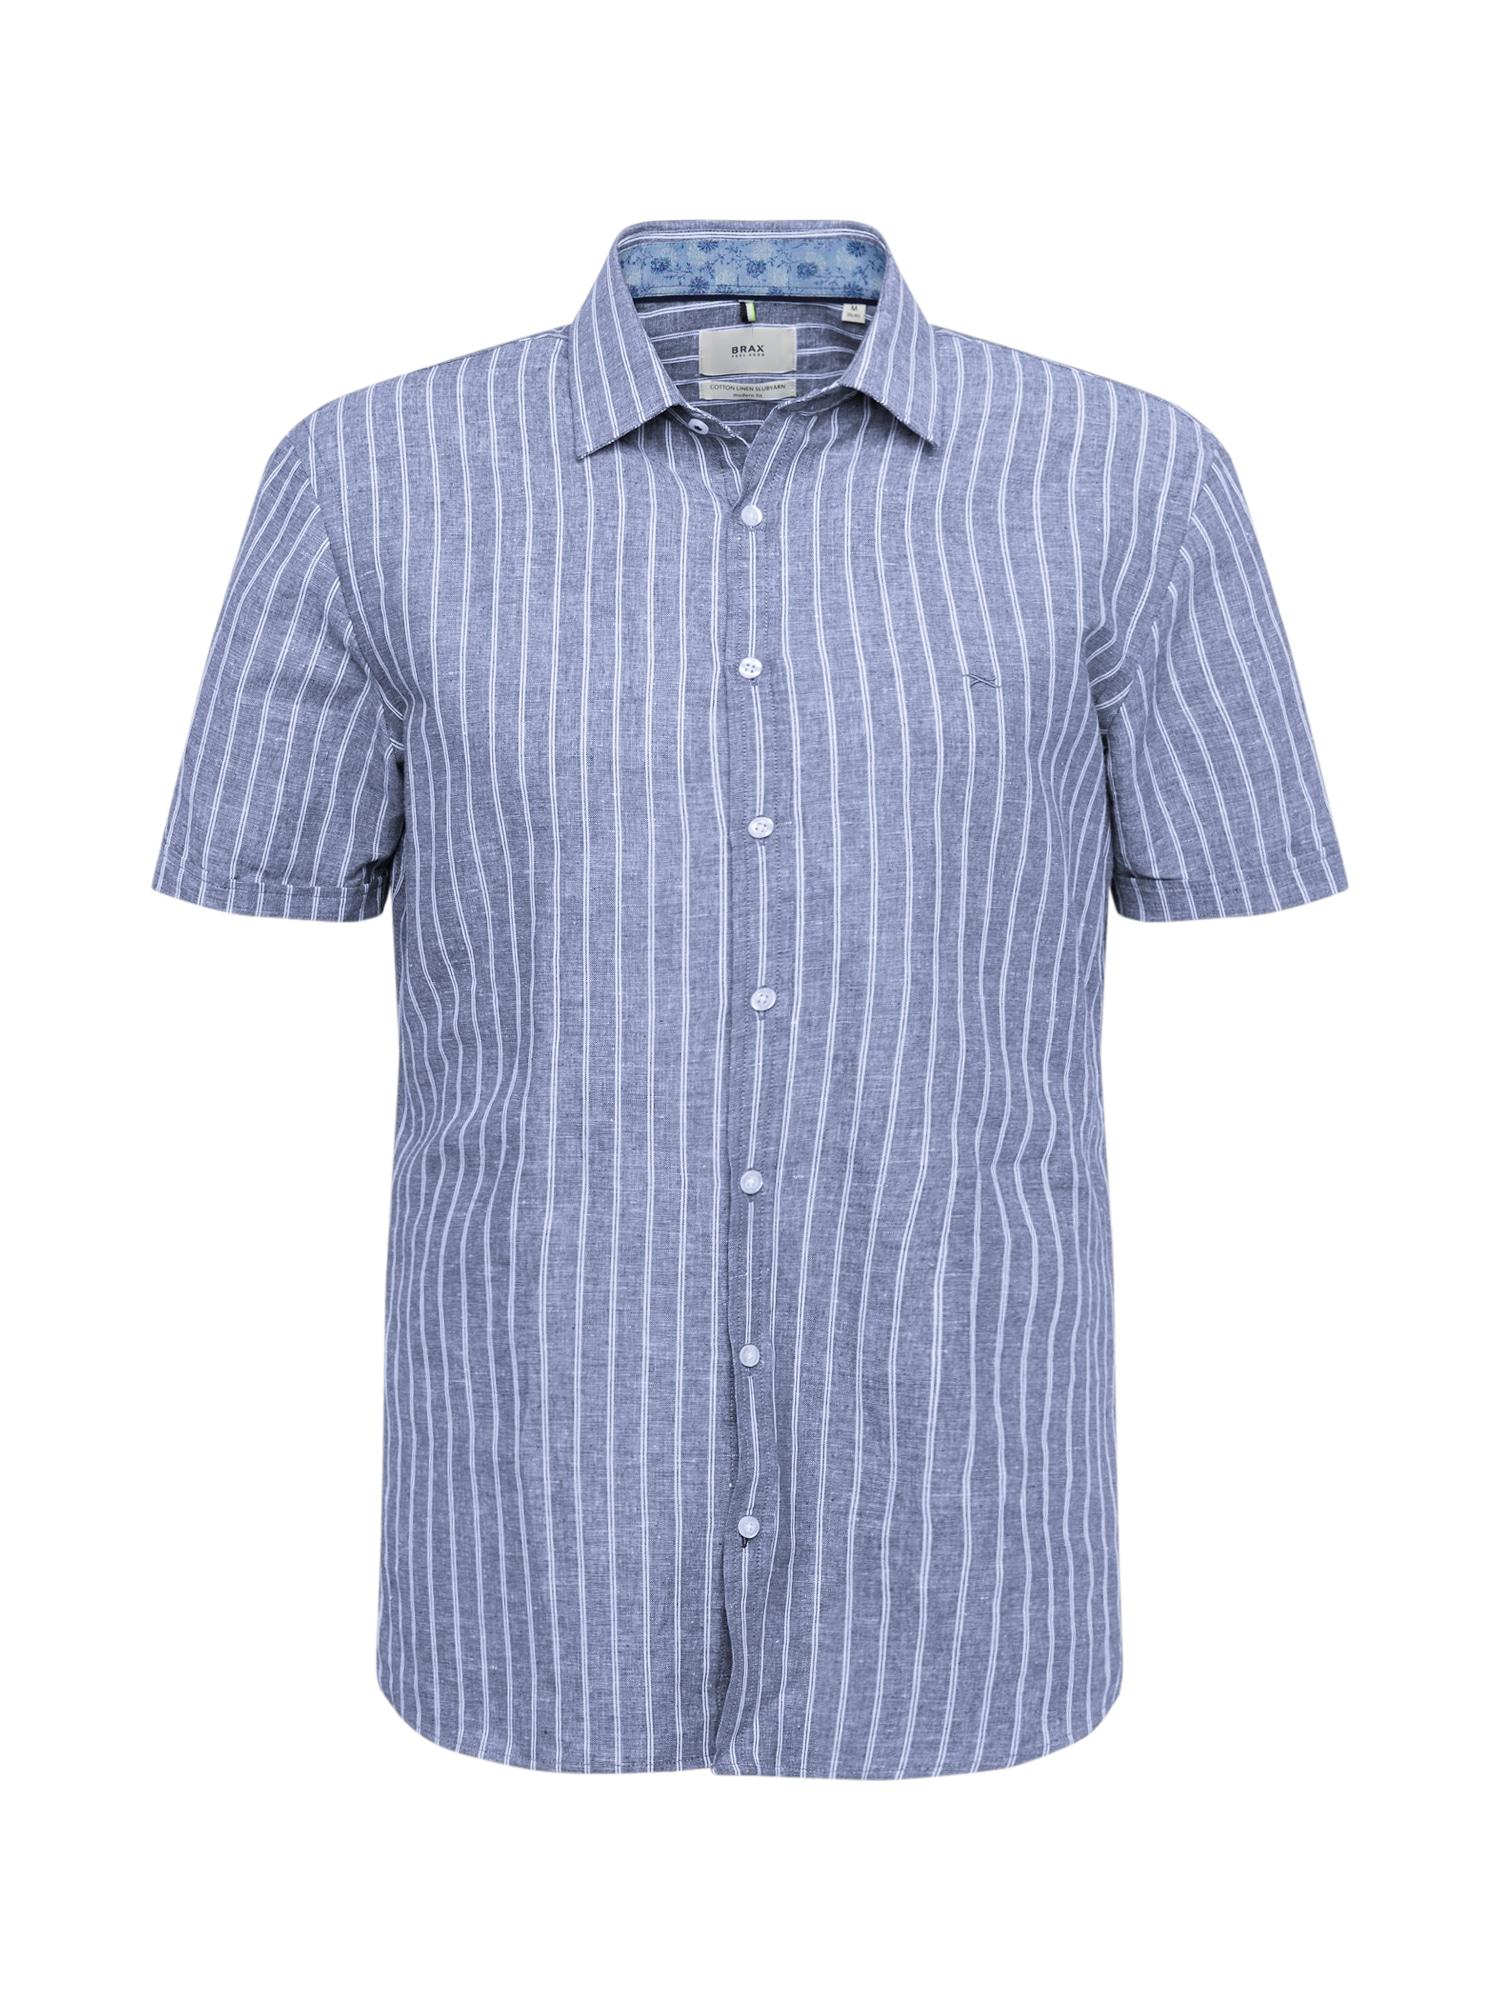 BRAX Dalykiniai marškiniai 'Kris' tamsiai mėlyna